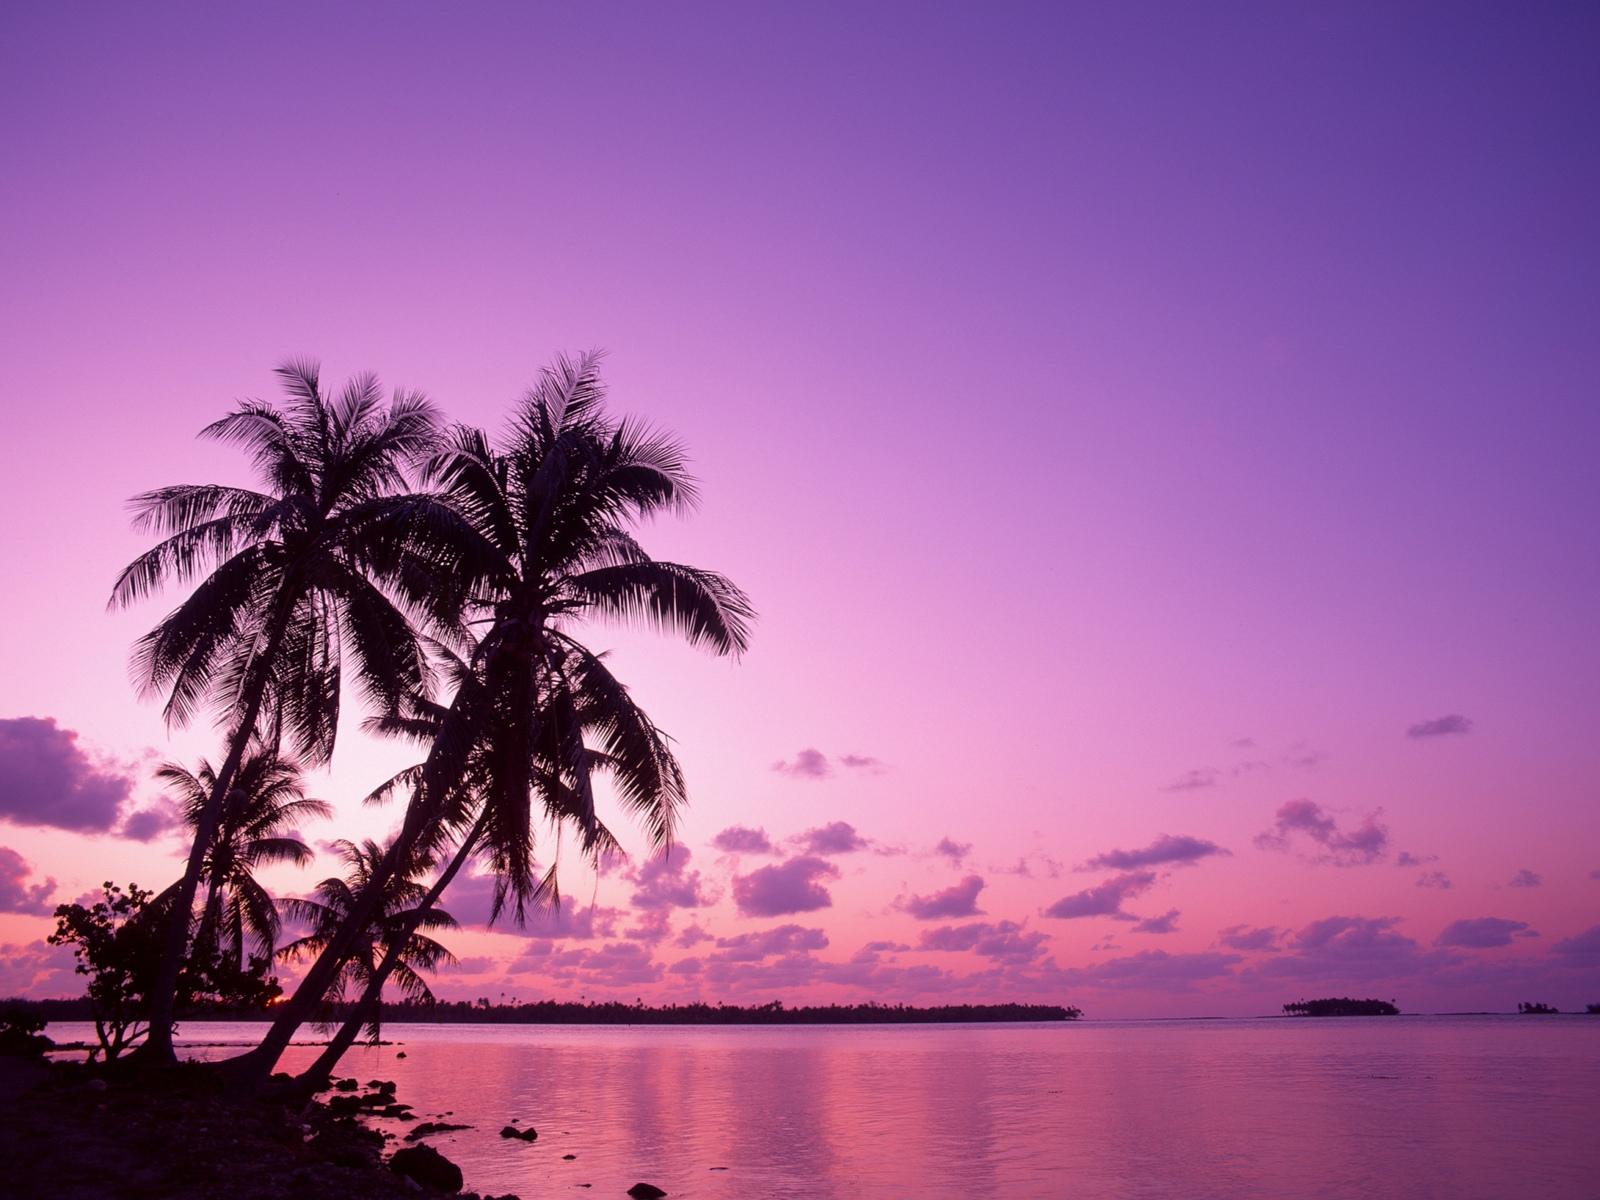 Pink sunset wallpapers Pink sunset stock photos 1600x1200